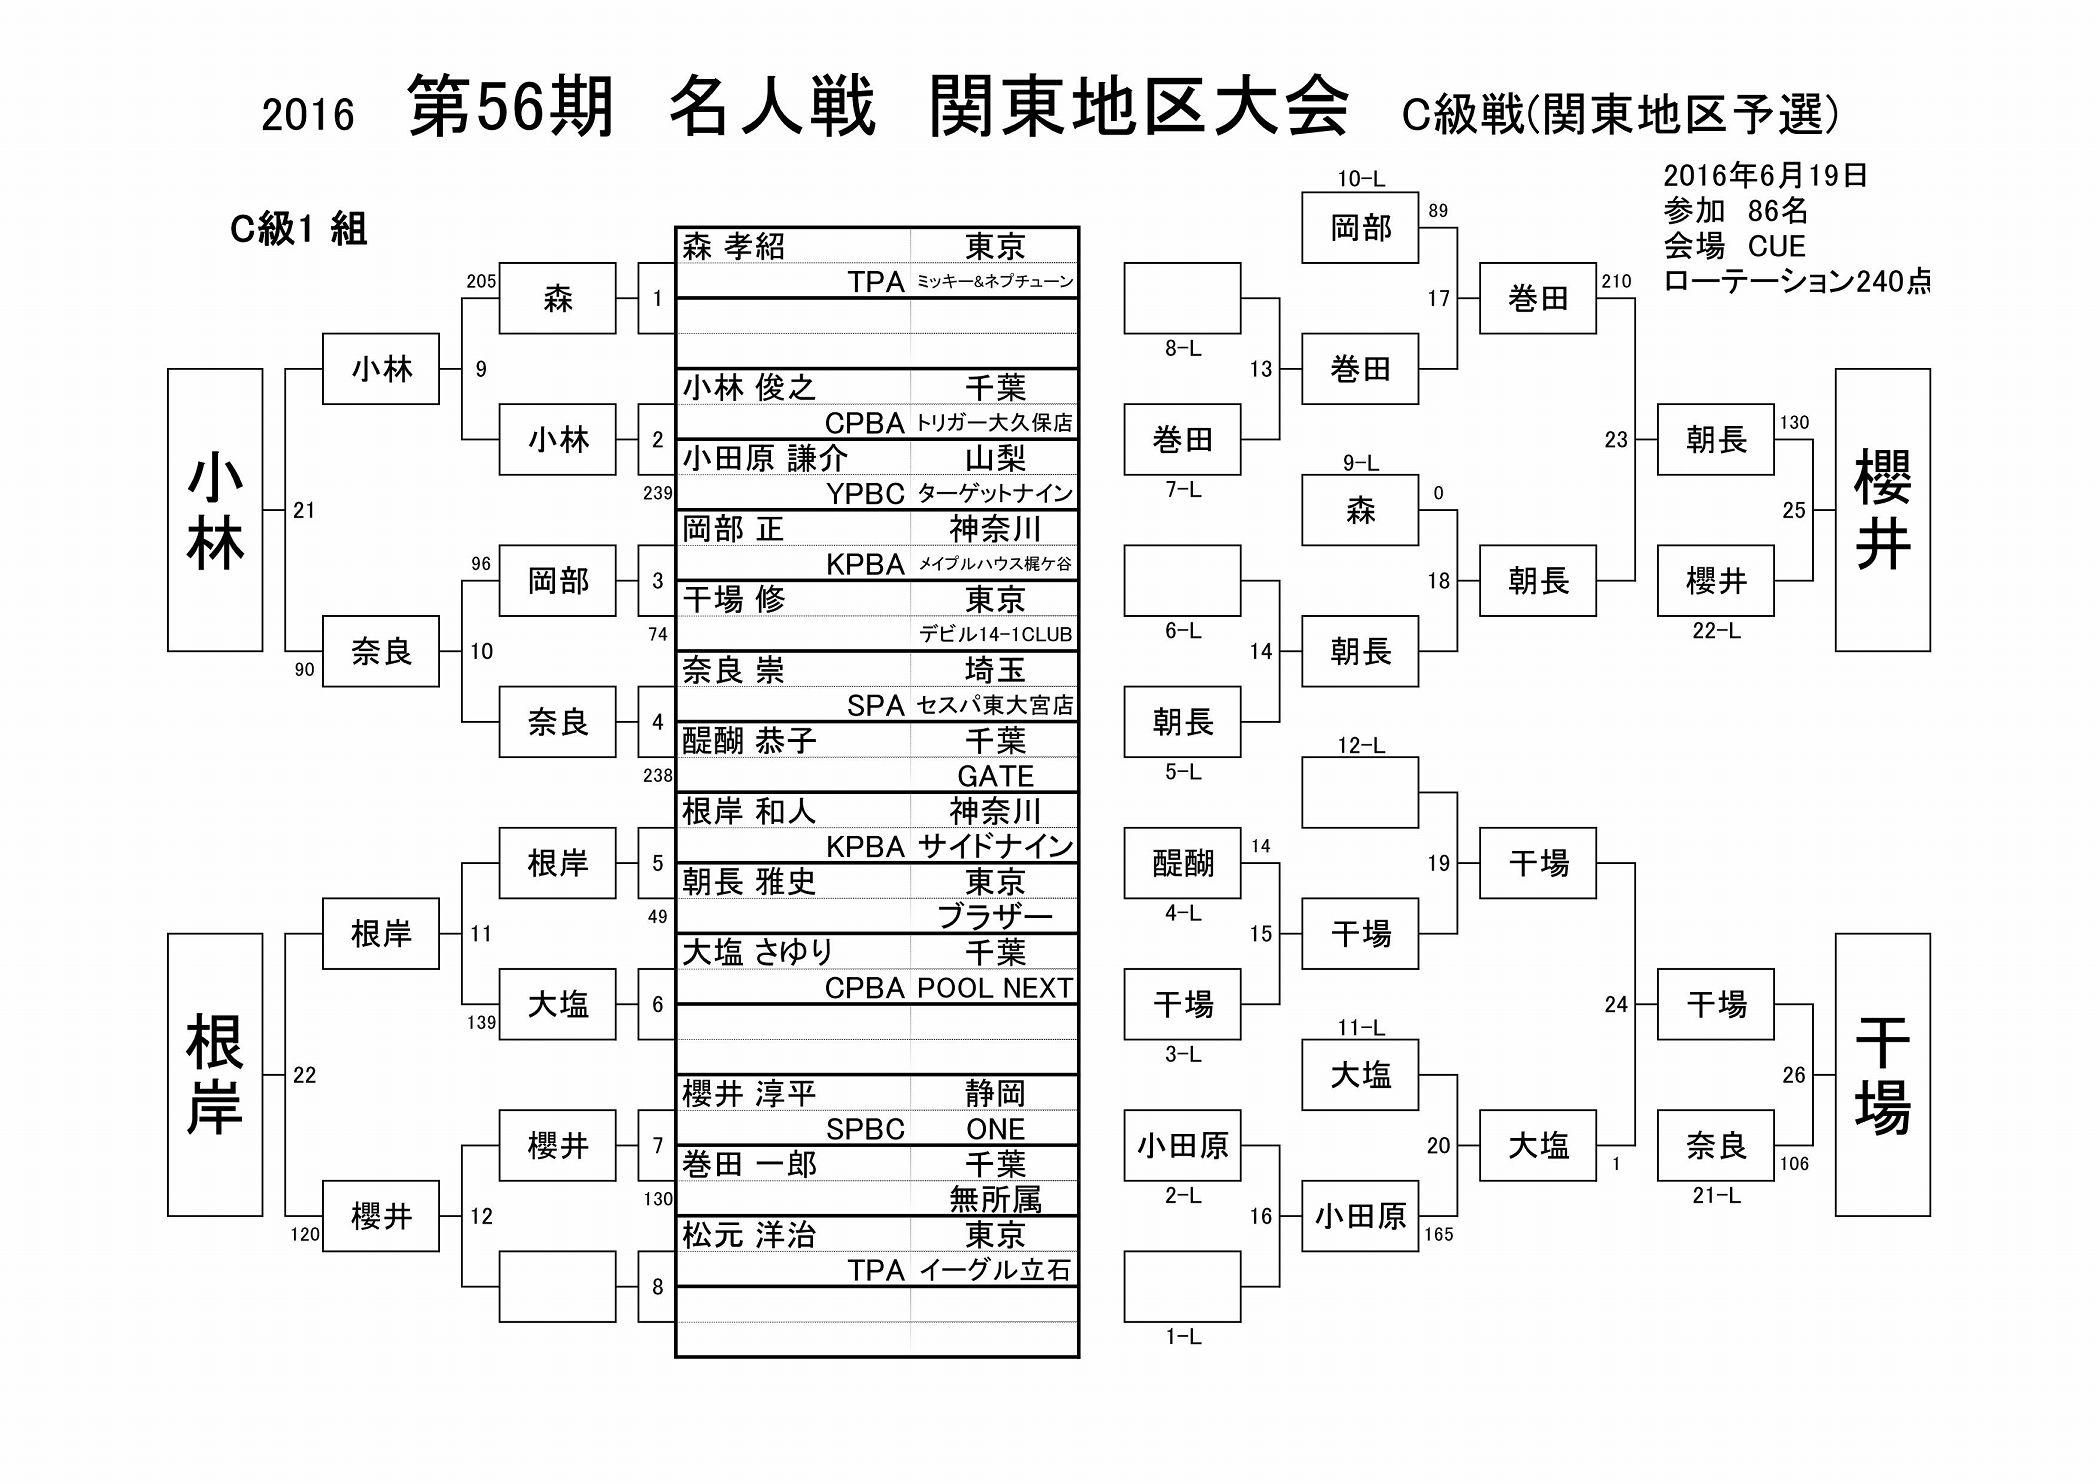 2016名人戦C級戦結果(関東地区)_01